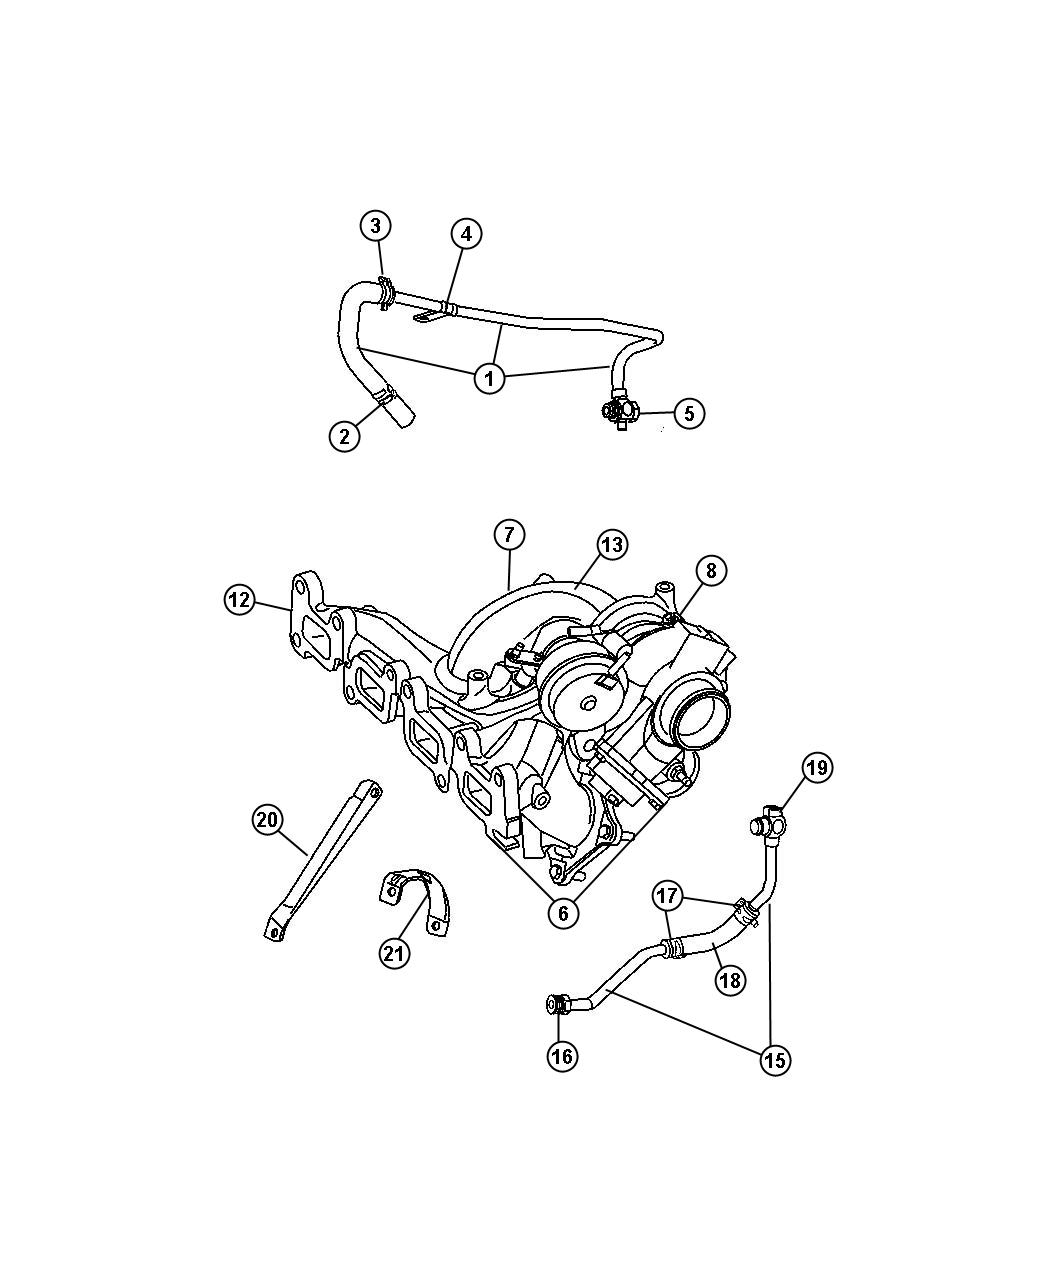 2008 Chrysler Aspen Turbocharger  See  Reference  Edj